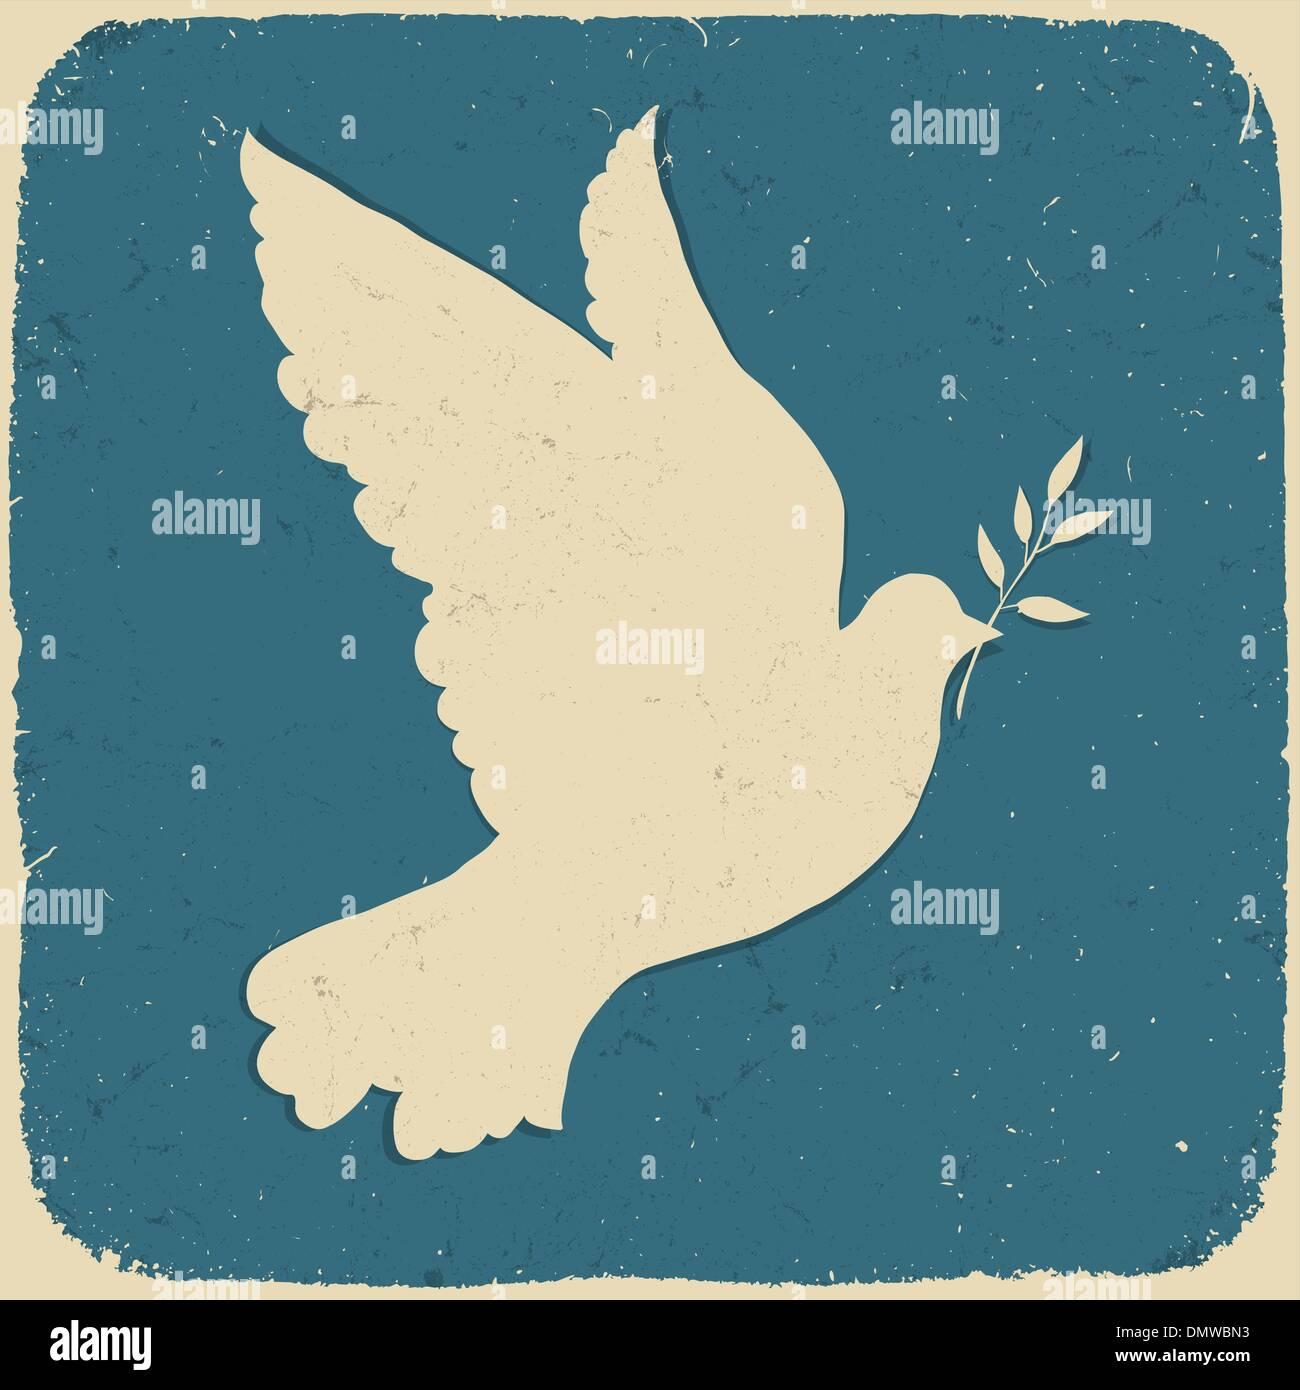 Colomba della Pace. In stile retrò illustrazione, vettore eps10. Illustrazione Vettoriale